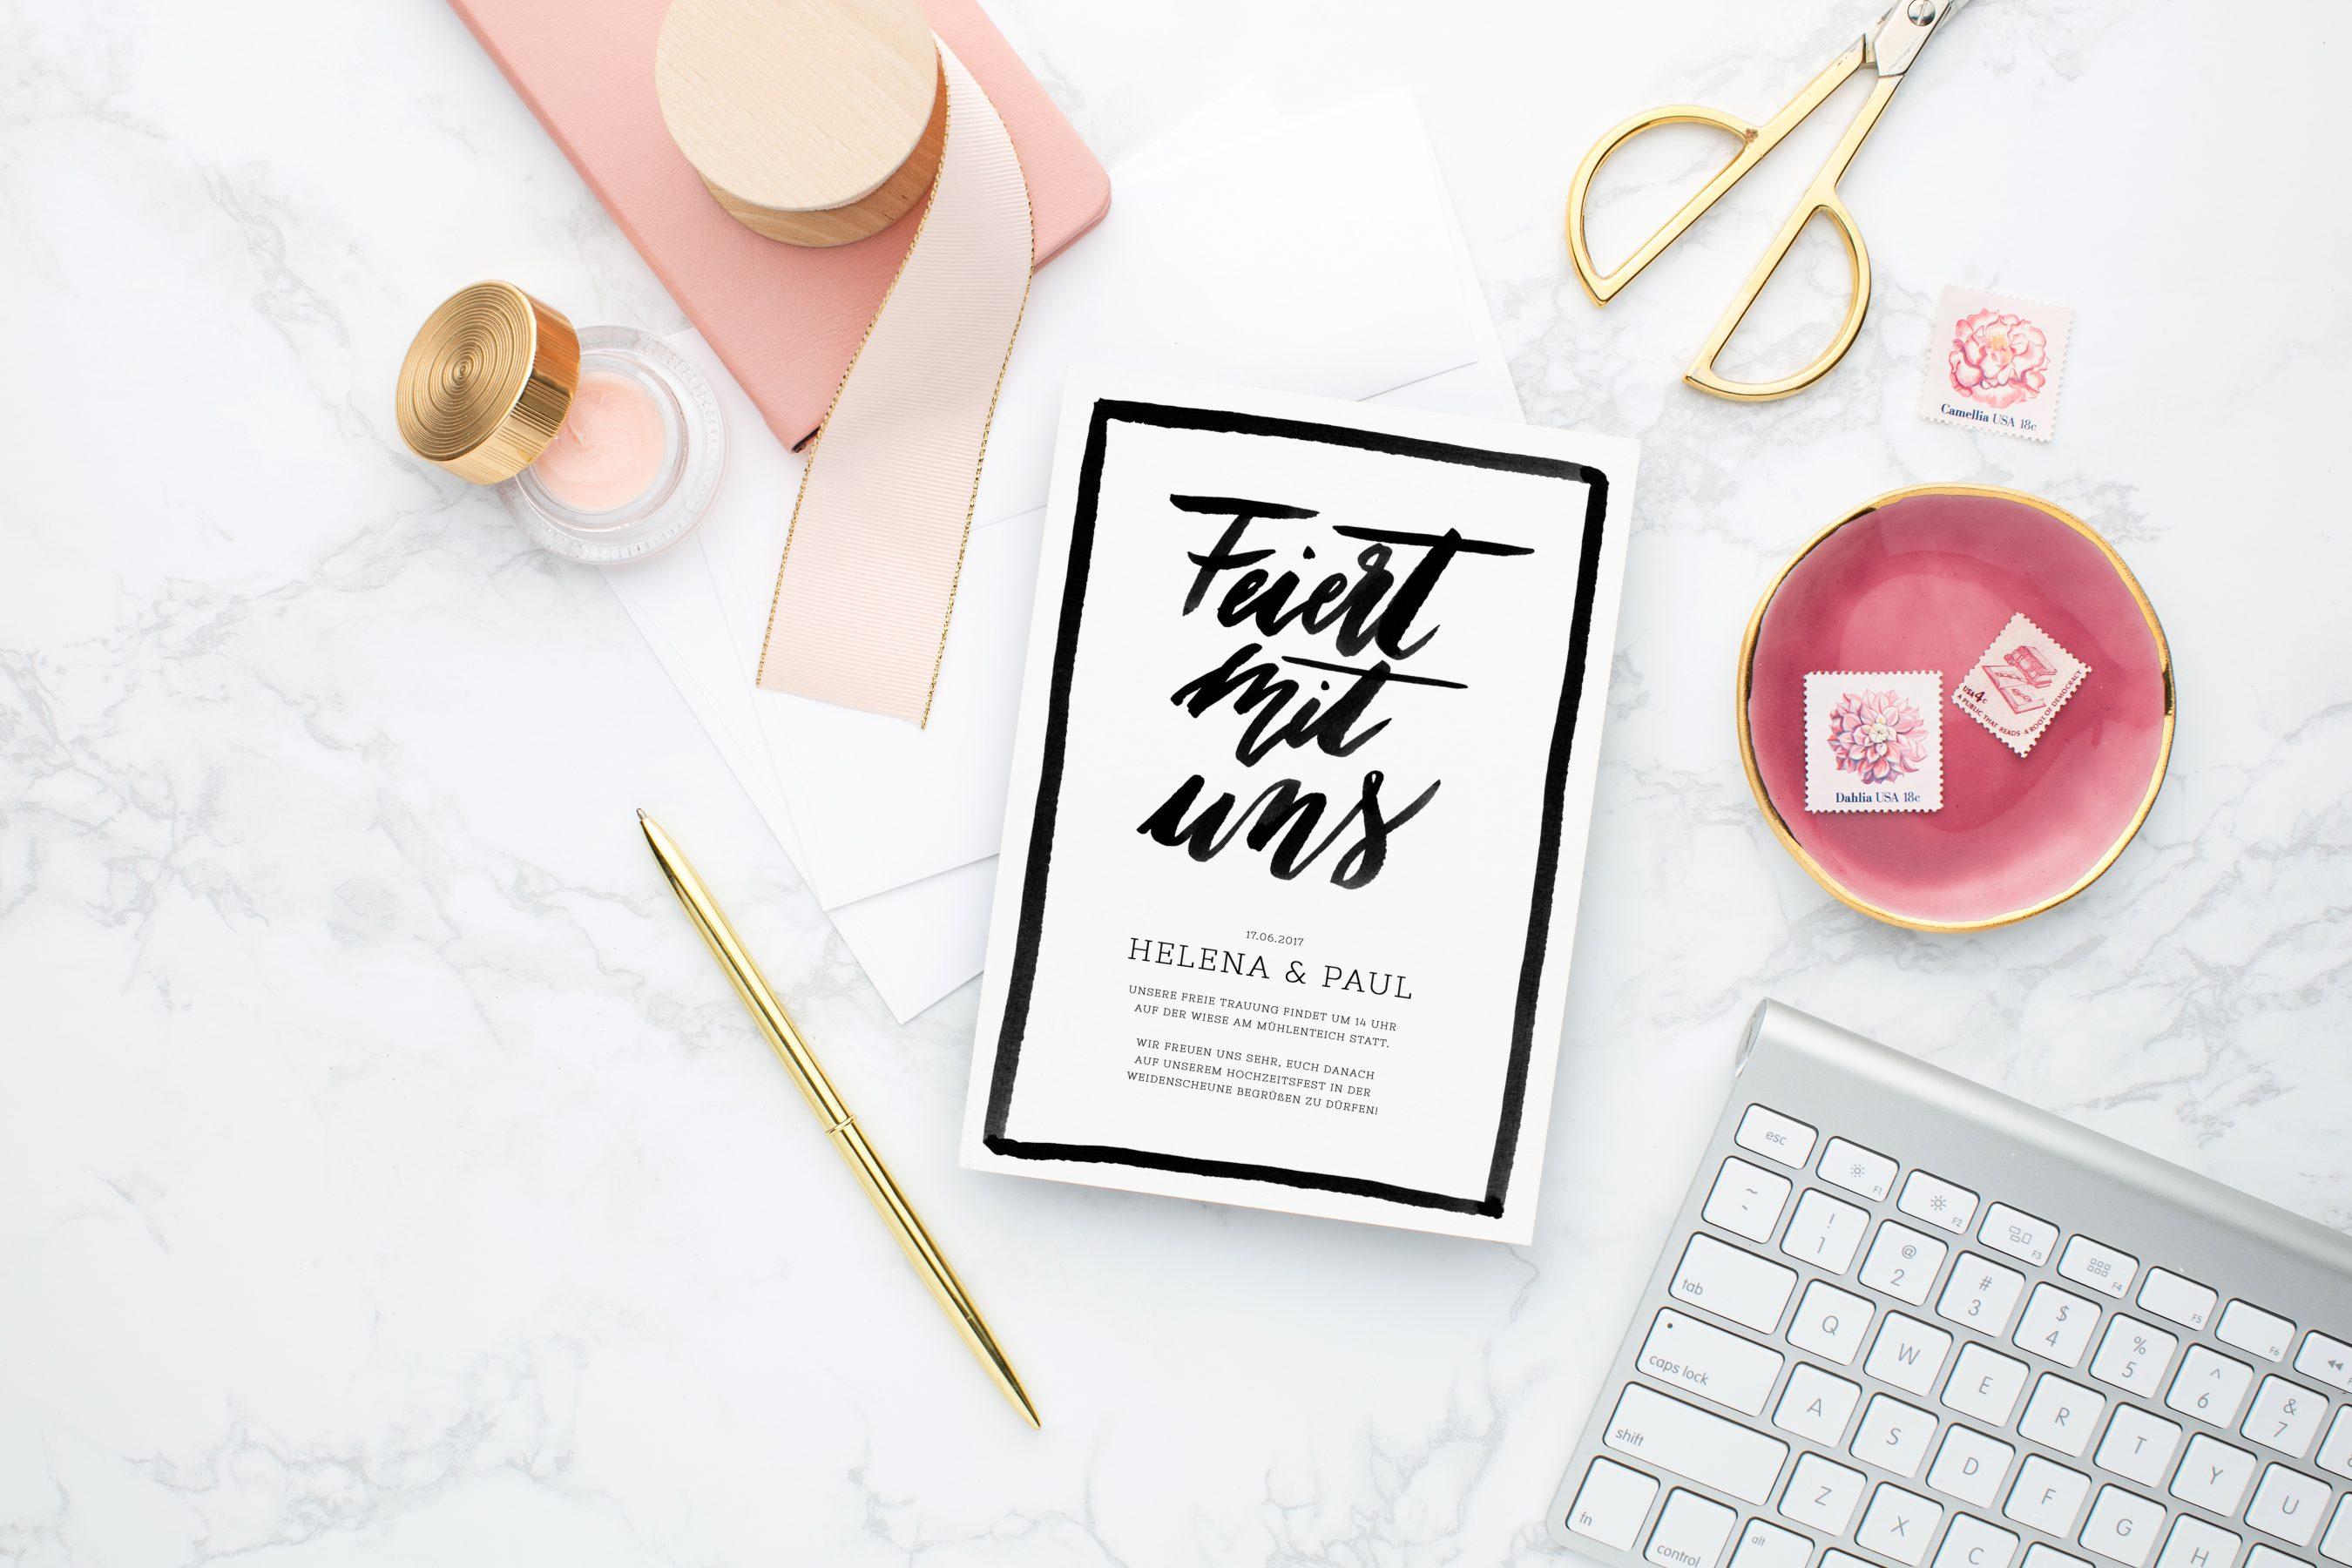 Hochzeitskarten Download, Hochzeitskarten zum Runterladen, Hochzeitskarten Digital Vorlage, Hochzeitskarten Brush Lettering